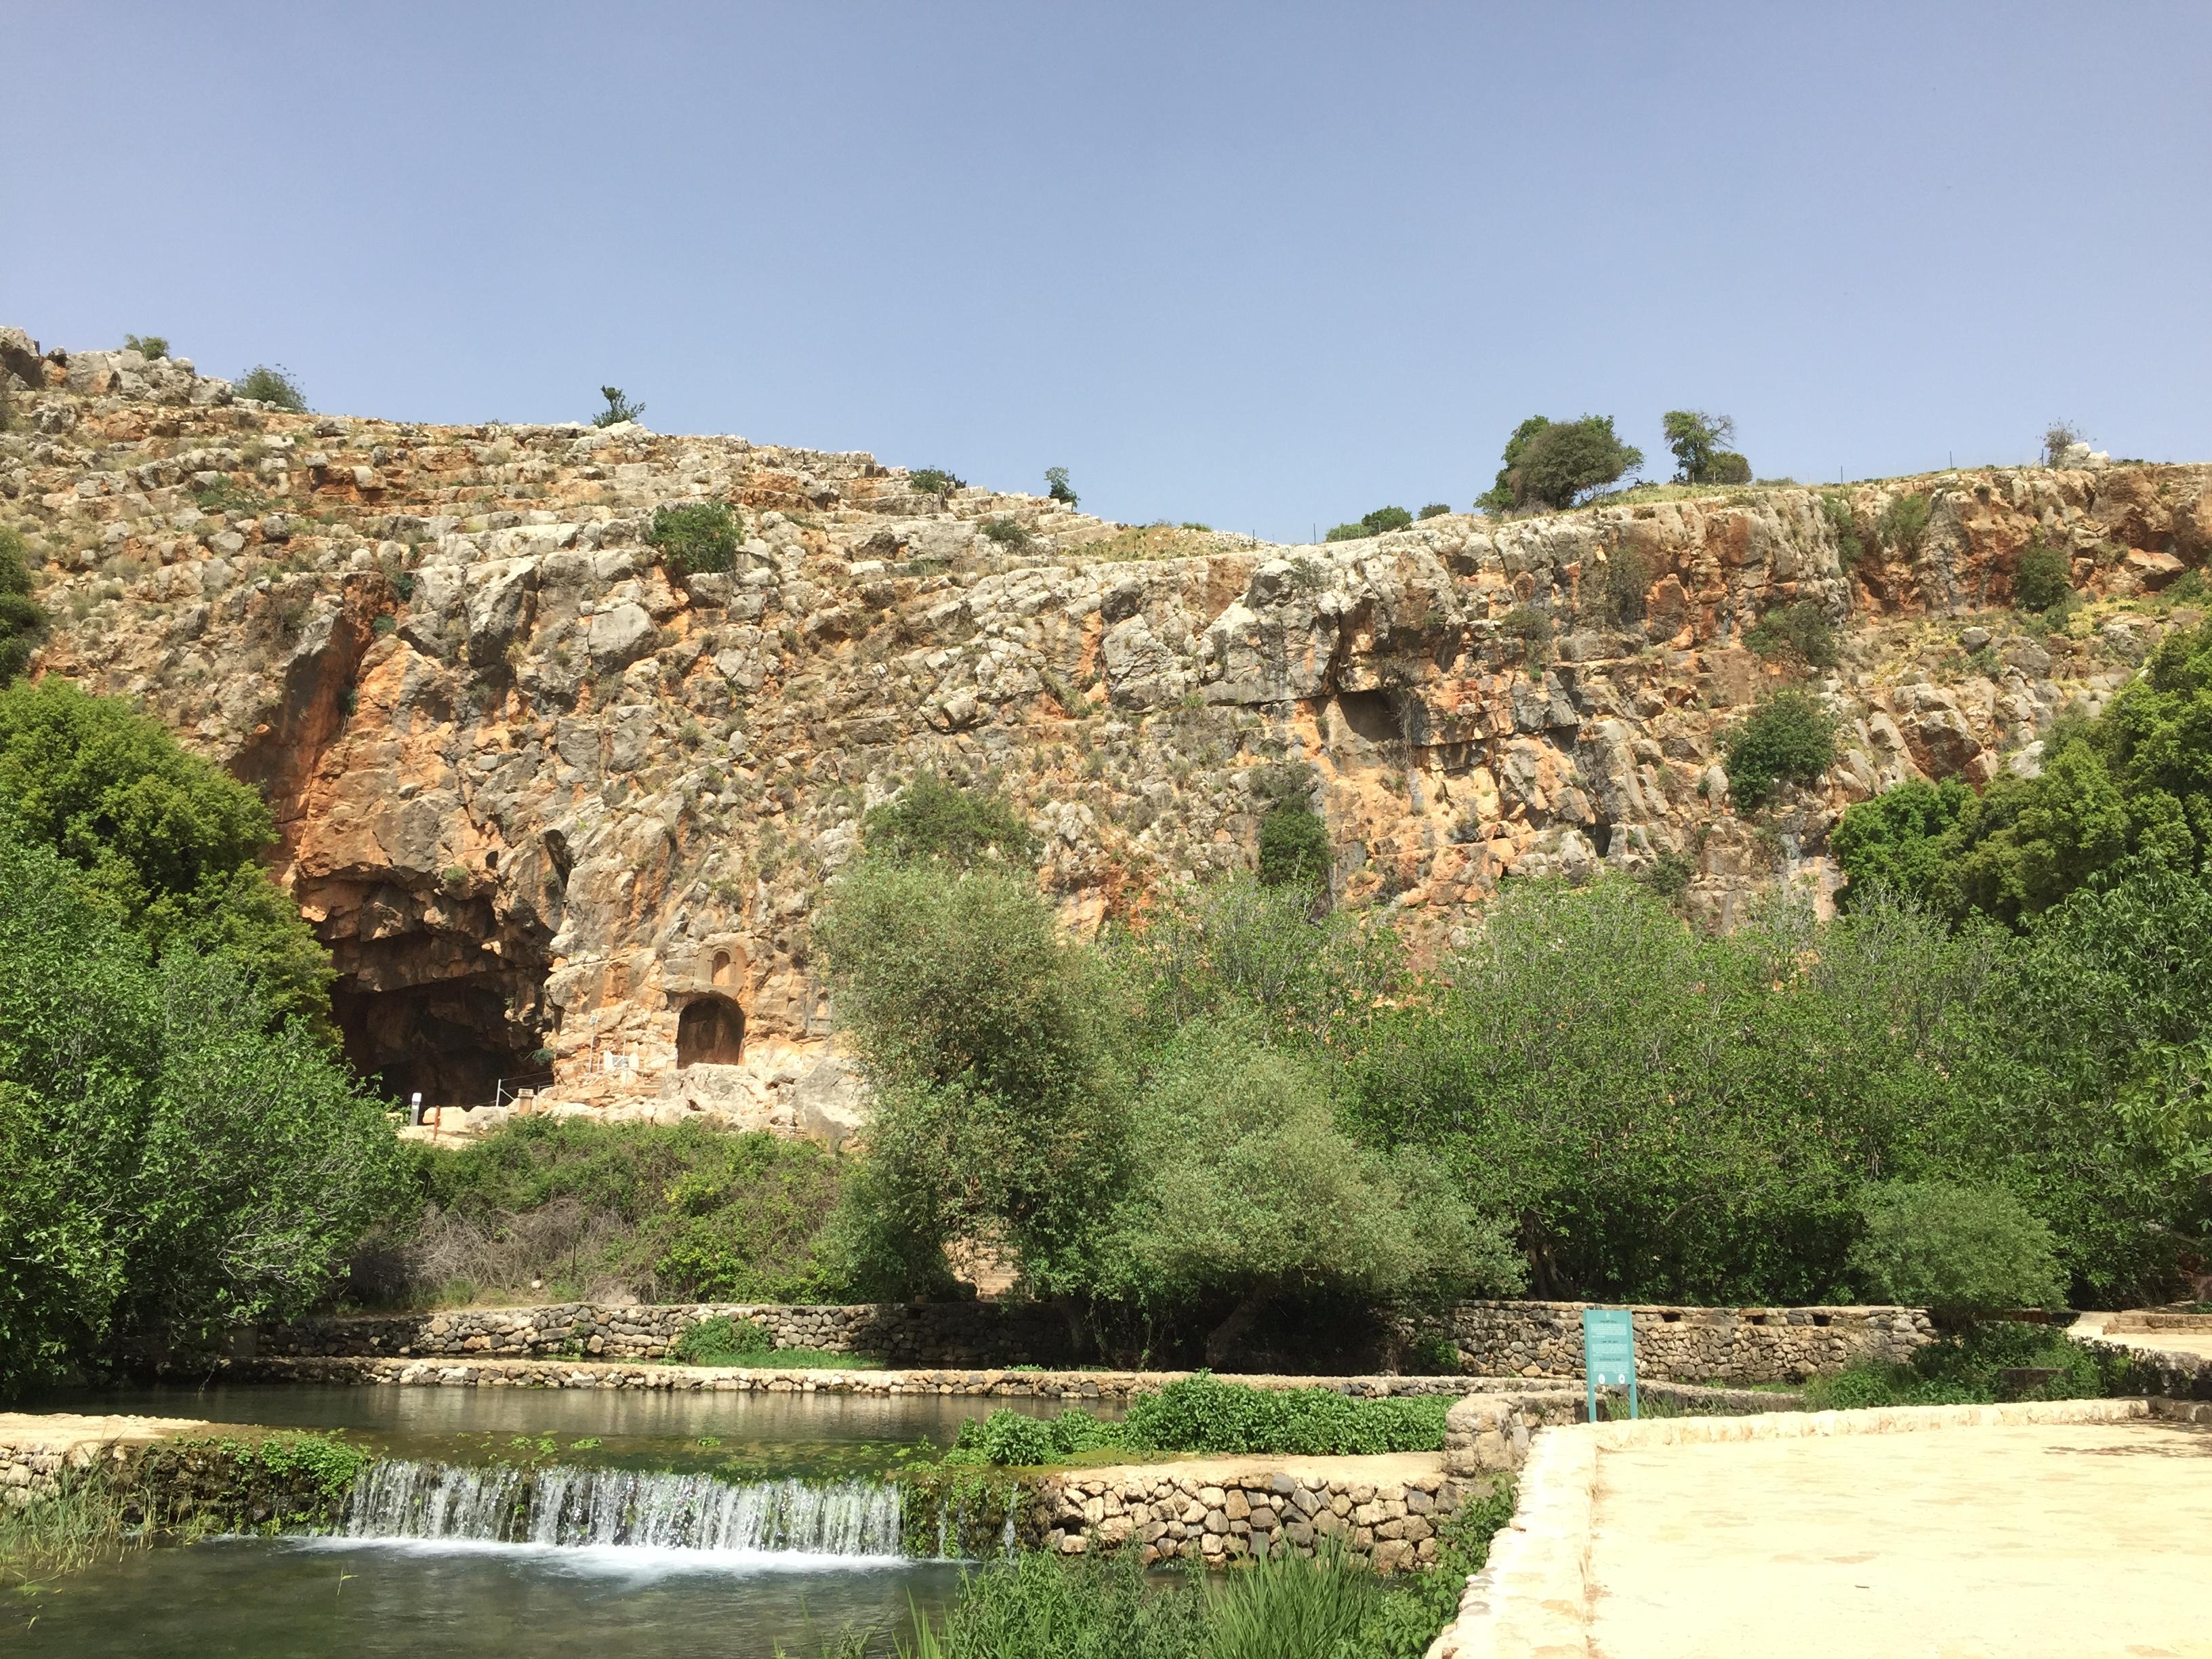 上图:凯撒利亚·腓立比的磐石,位于黑门山麓、约旦河的源头。西门·彼得在这里认信基督:「祢是基督,是永生神的儿子」(太十六16)。这认信是基督的教会的基础,所以主耶稣说:「我要把我的教会建造在这磐石上,阴间的权柄不能胜过他」(太十六18)。